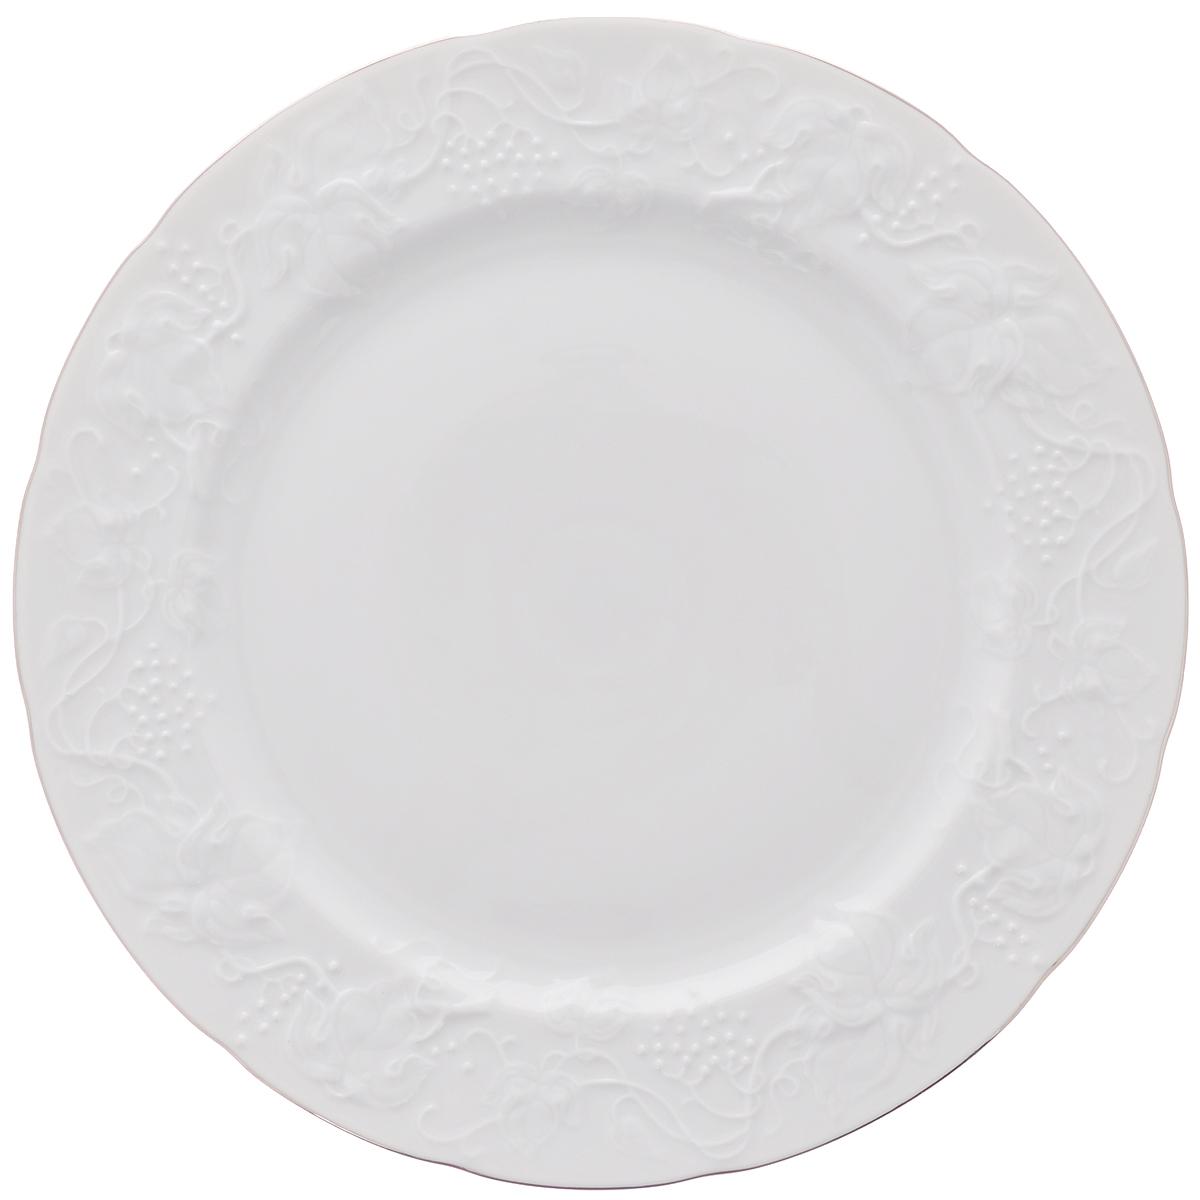 Блюдо Yves De La Rosiere Vendanges, диаметр 31 см115510Изящное блюдо Yves De La Rosiere Vendanges, выполненное из высококачественного фарфора и украшено по краю эмалью и рельефным рисунком.Блюдо доставит истинное удовольствие ценителям прекрасного. Оно украсит ваш кухонный стол, а также станет замечательным подарком к любому празднику.Диаметр блюда: 31 см.